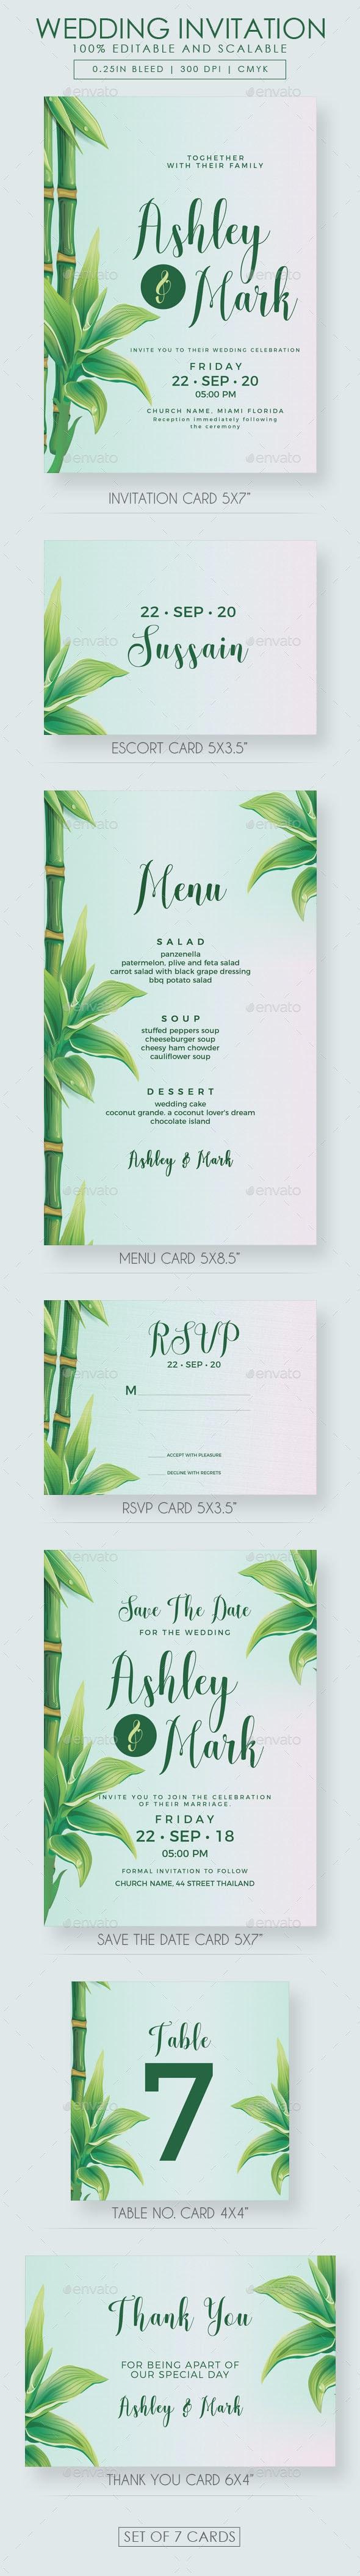 Tree Wedding Invitation Suite - Weddings Cards & Invites